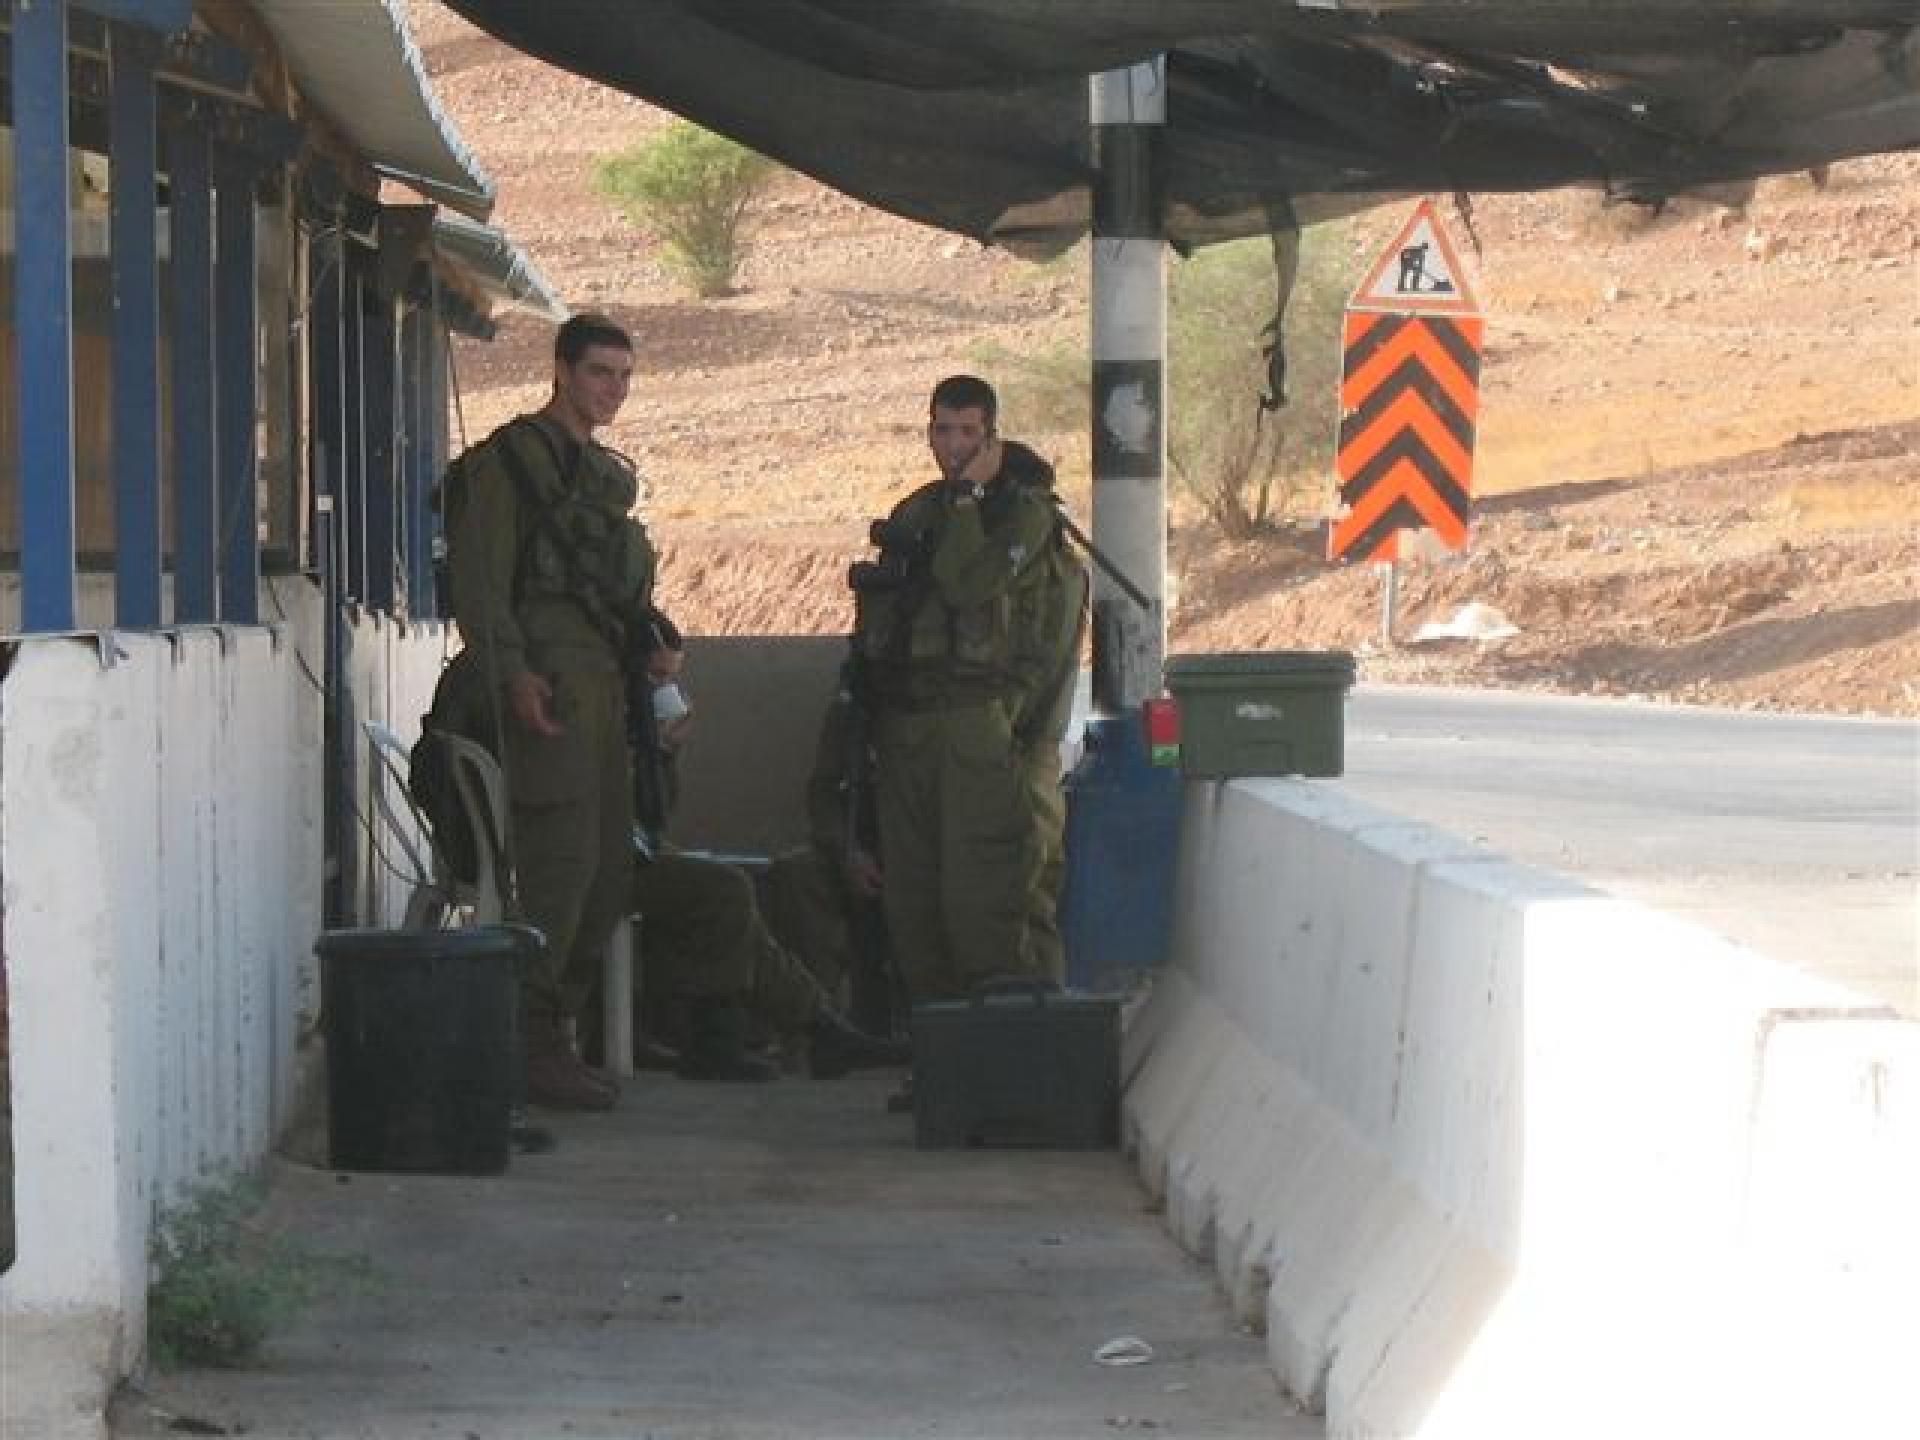 Hamra/Beqaot checkpoint 05.10.10